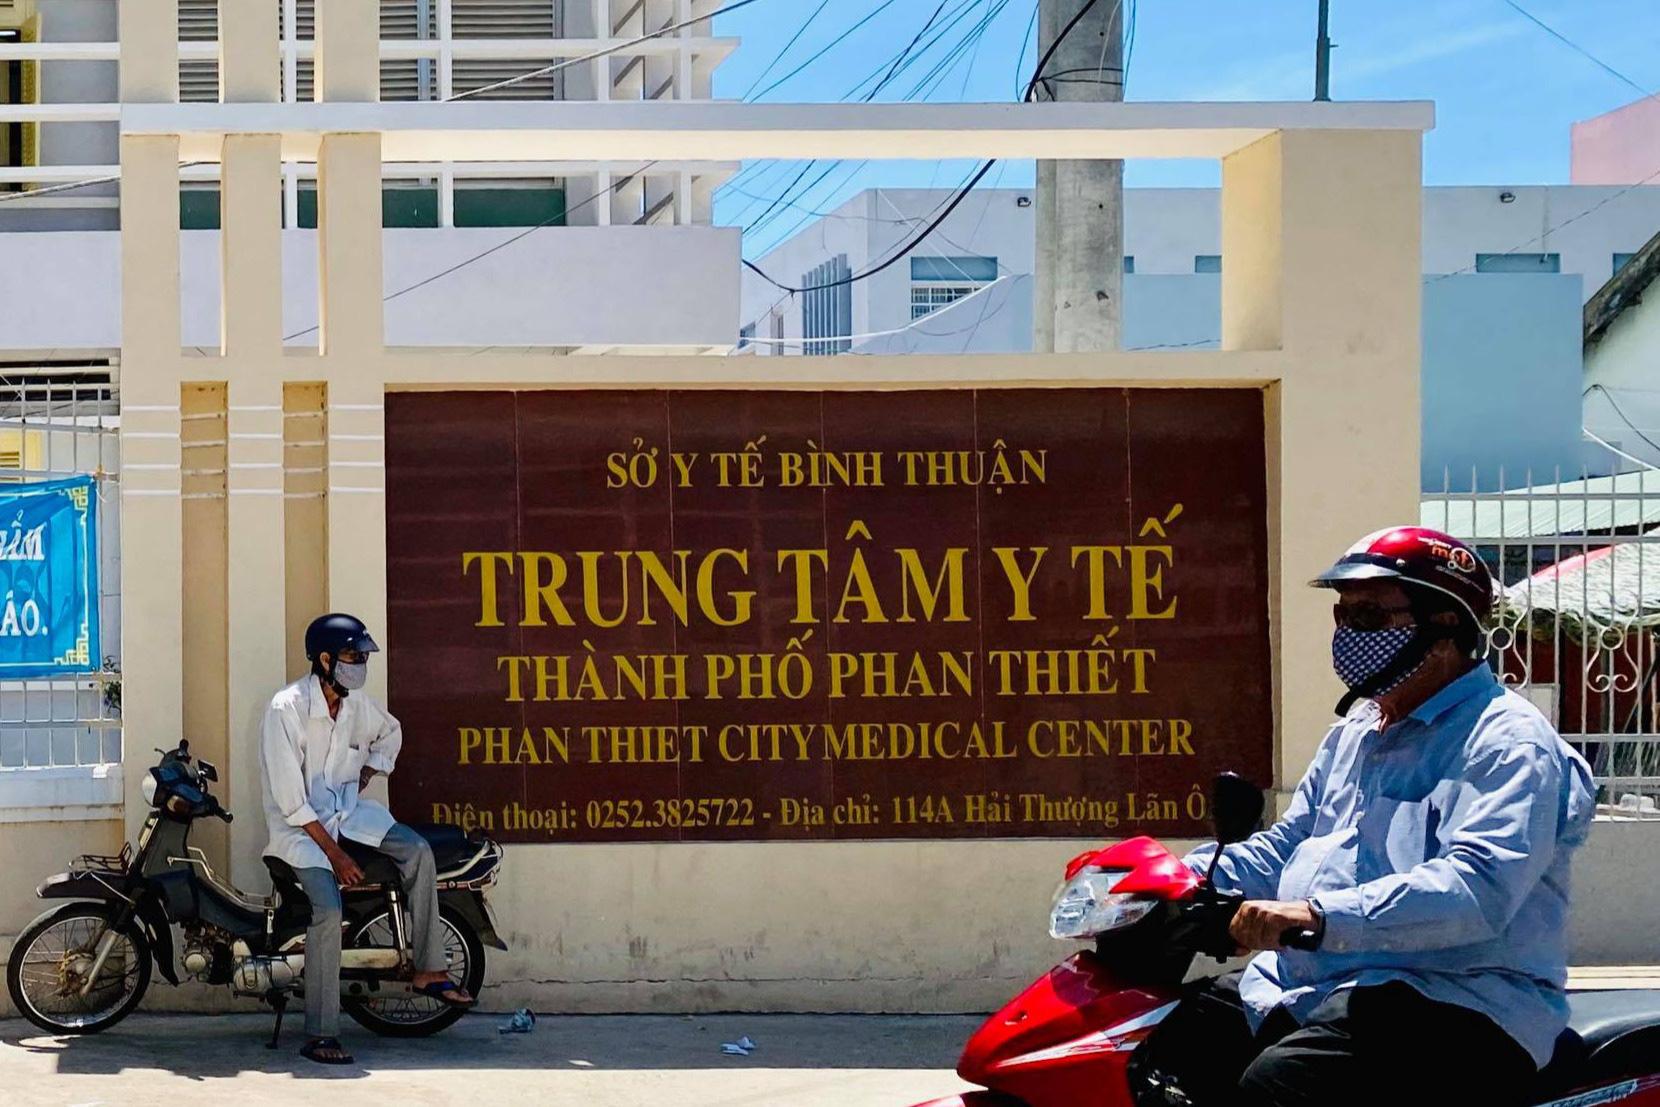 Truy tố dàn nguyên lãnh đạo Trung tâm Y tế thành phố Phan Thiết - Ảnh 1.